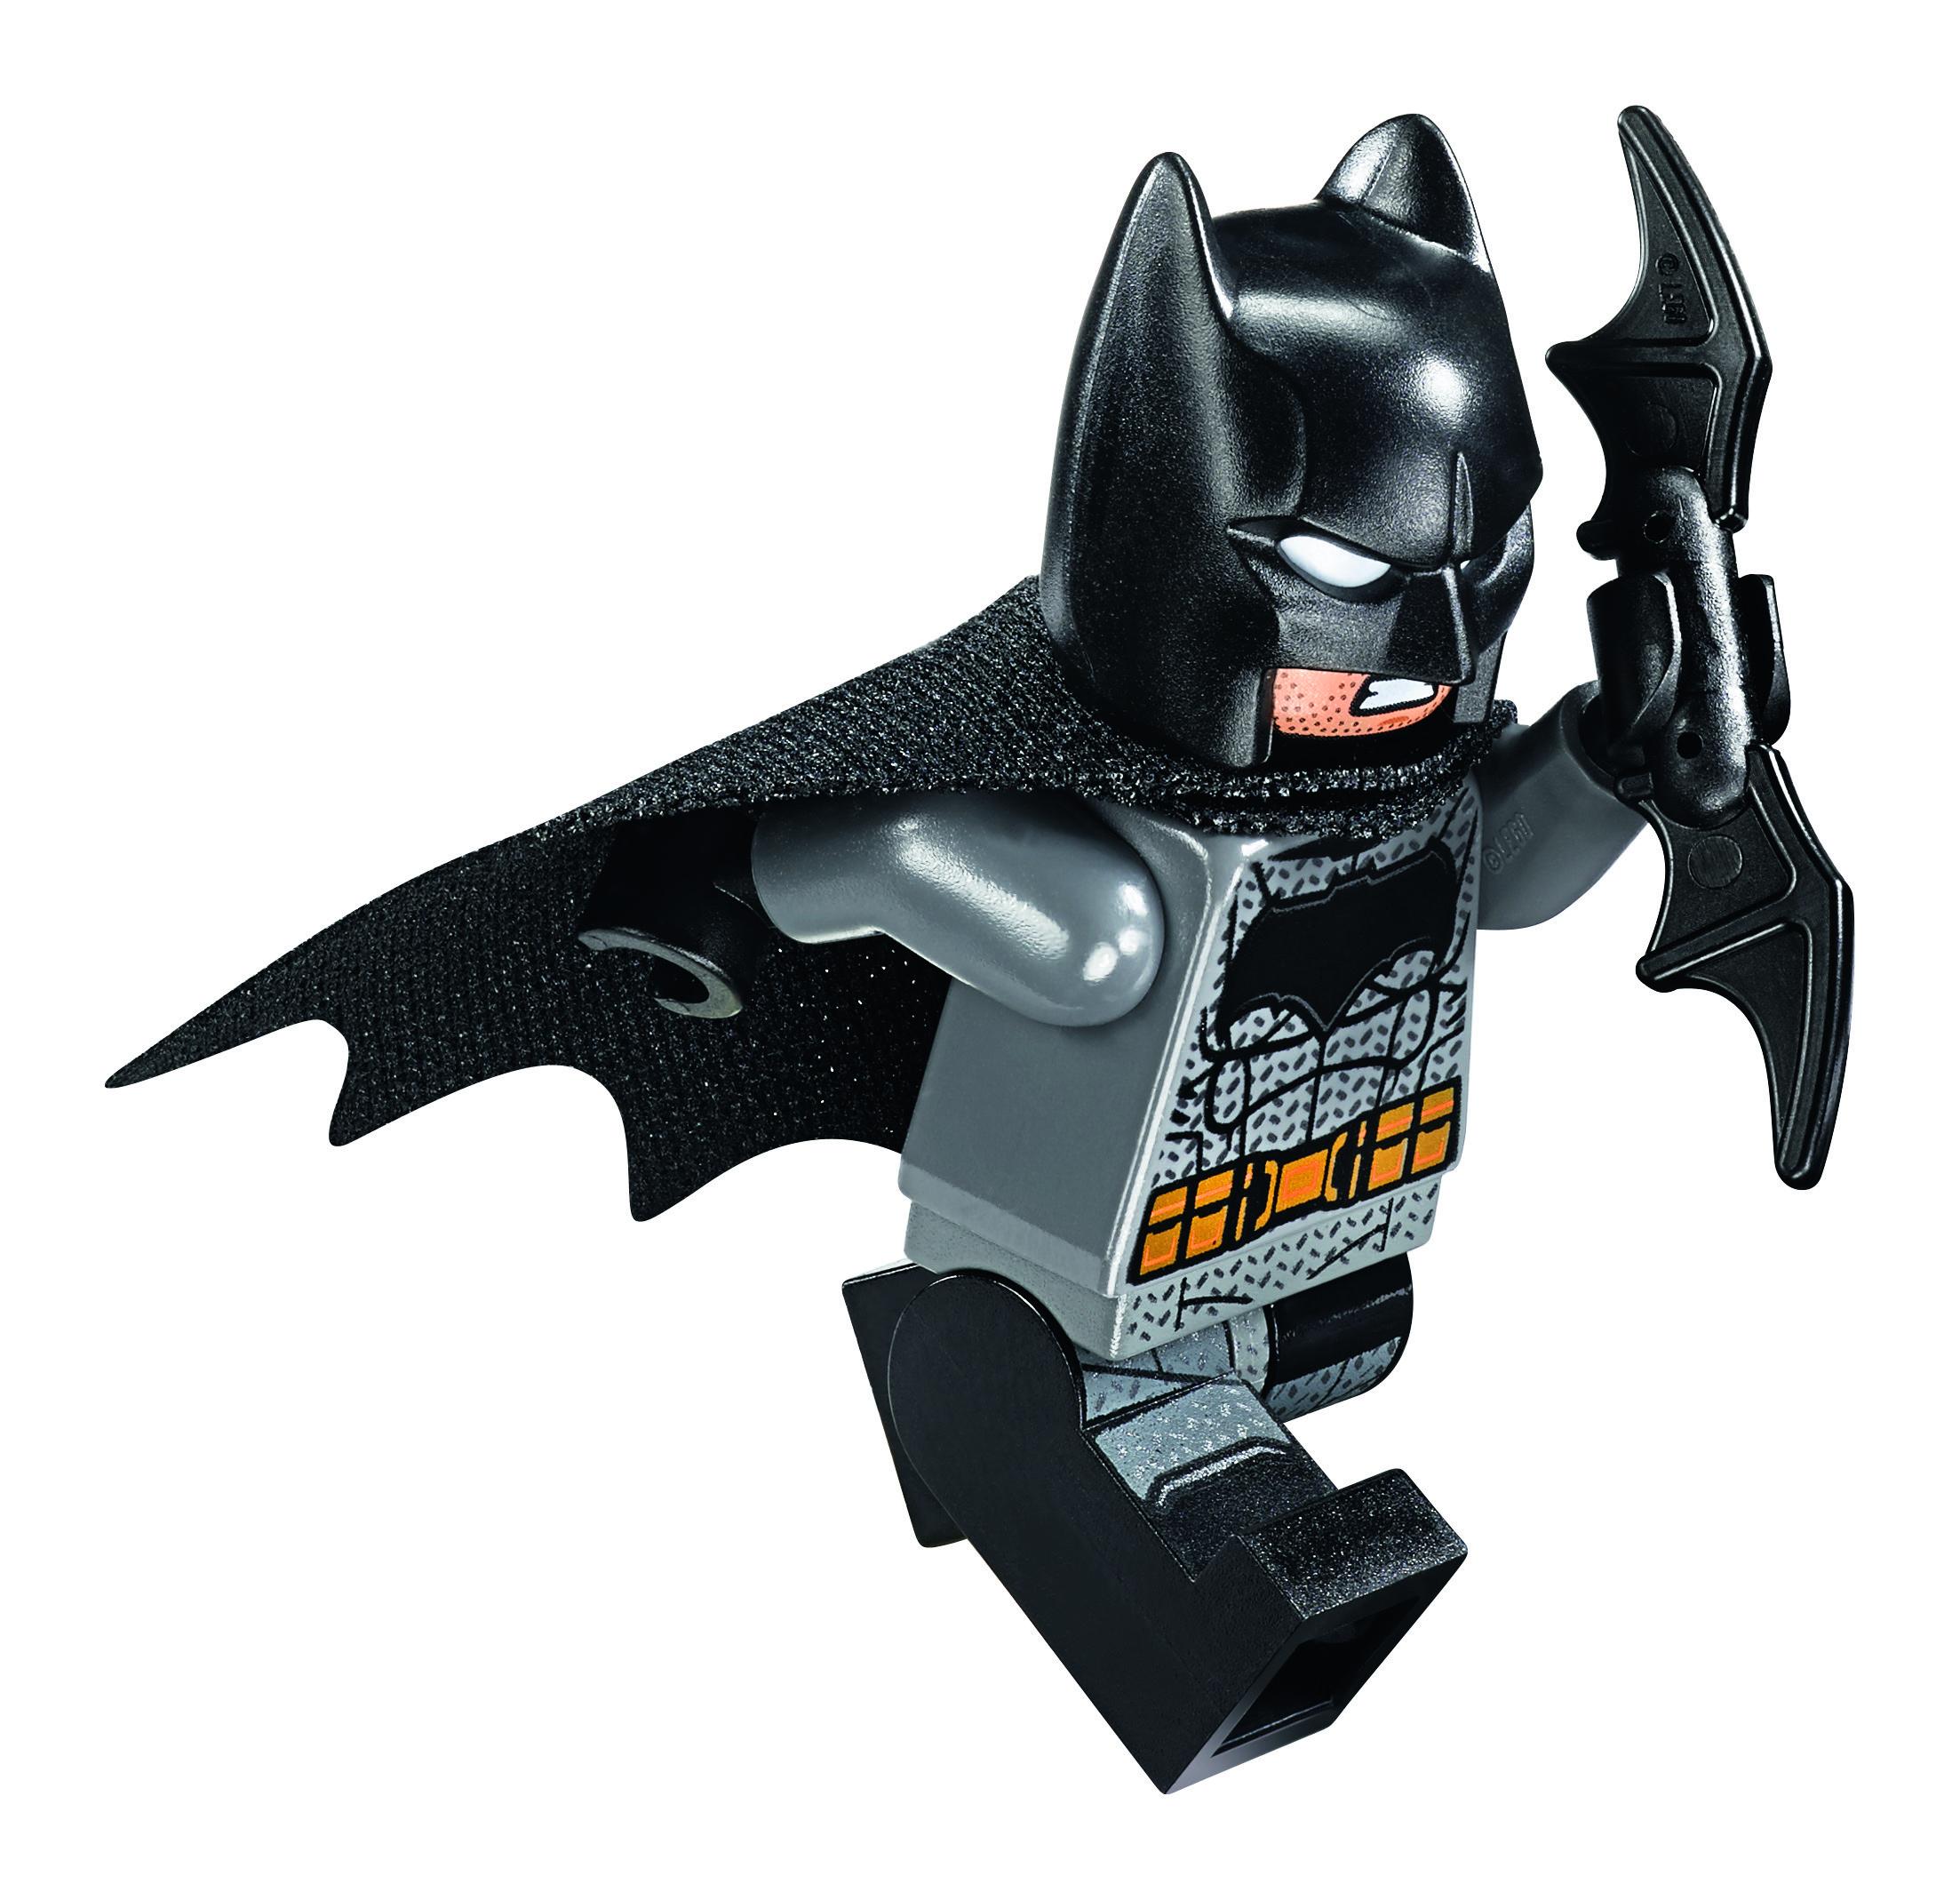 Lego Star Wars Custom Darth Maul Minifigure #SWF23